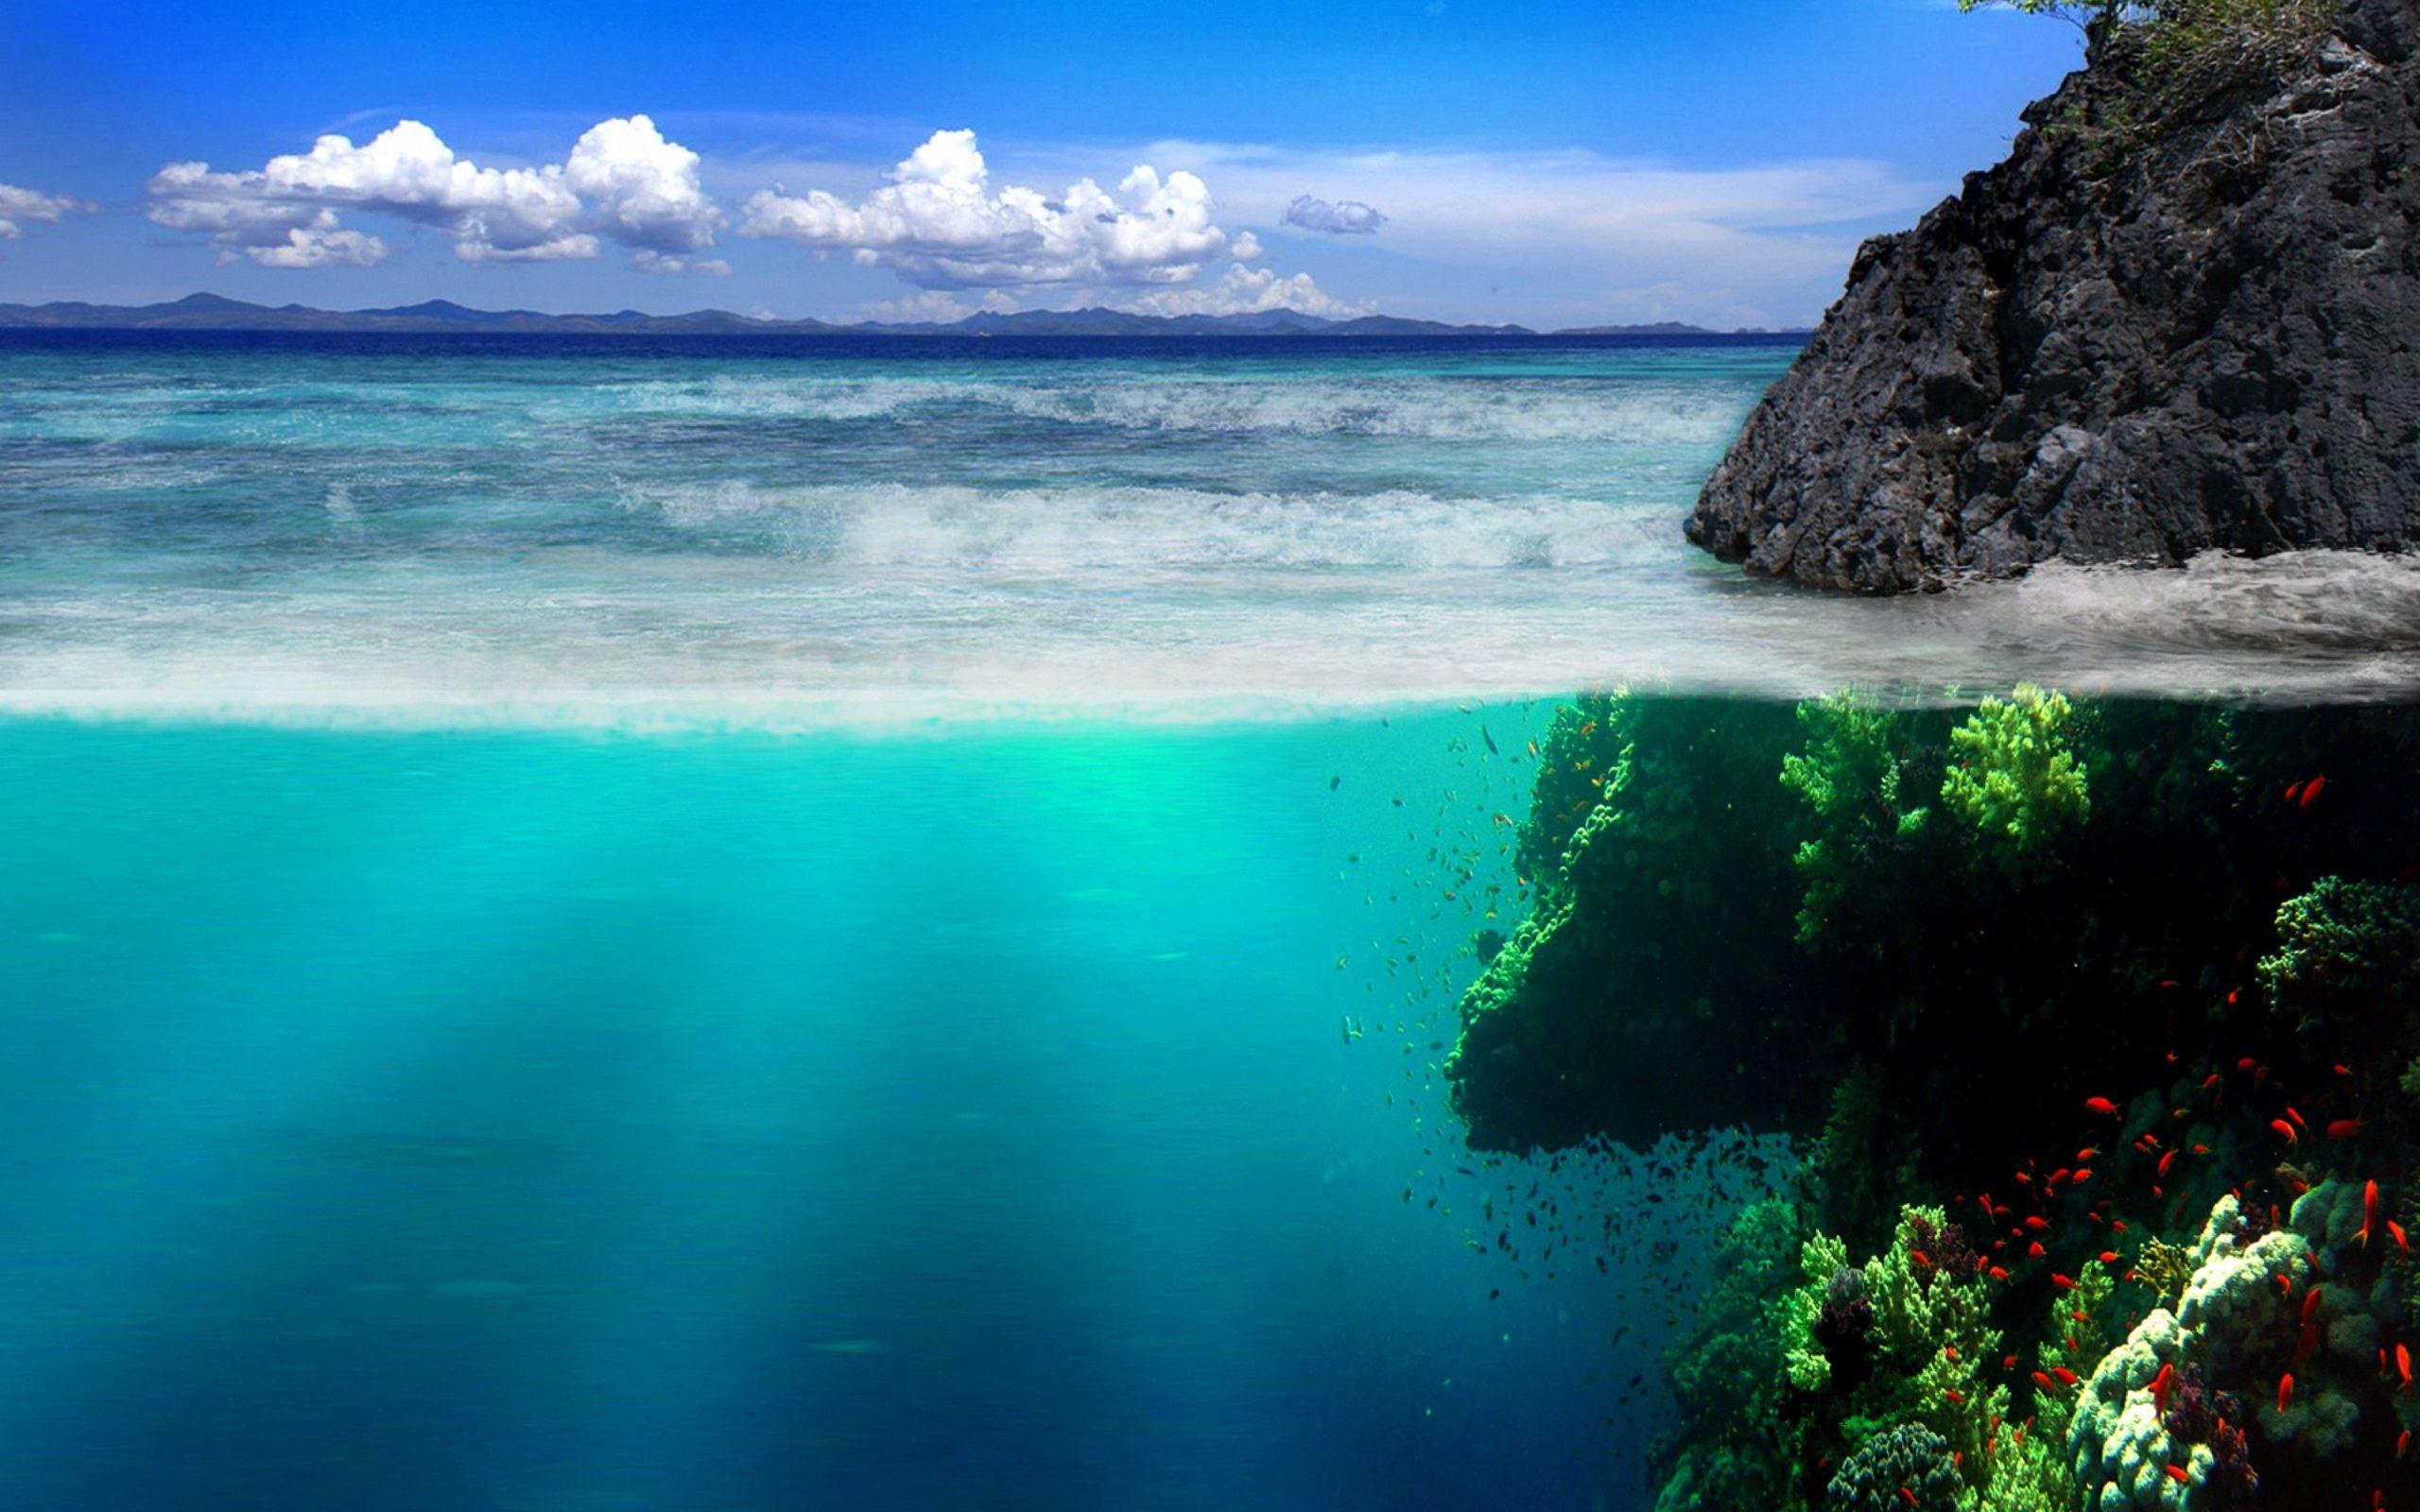 ocean pictures underwater